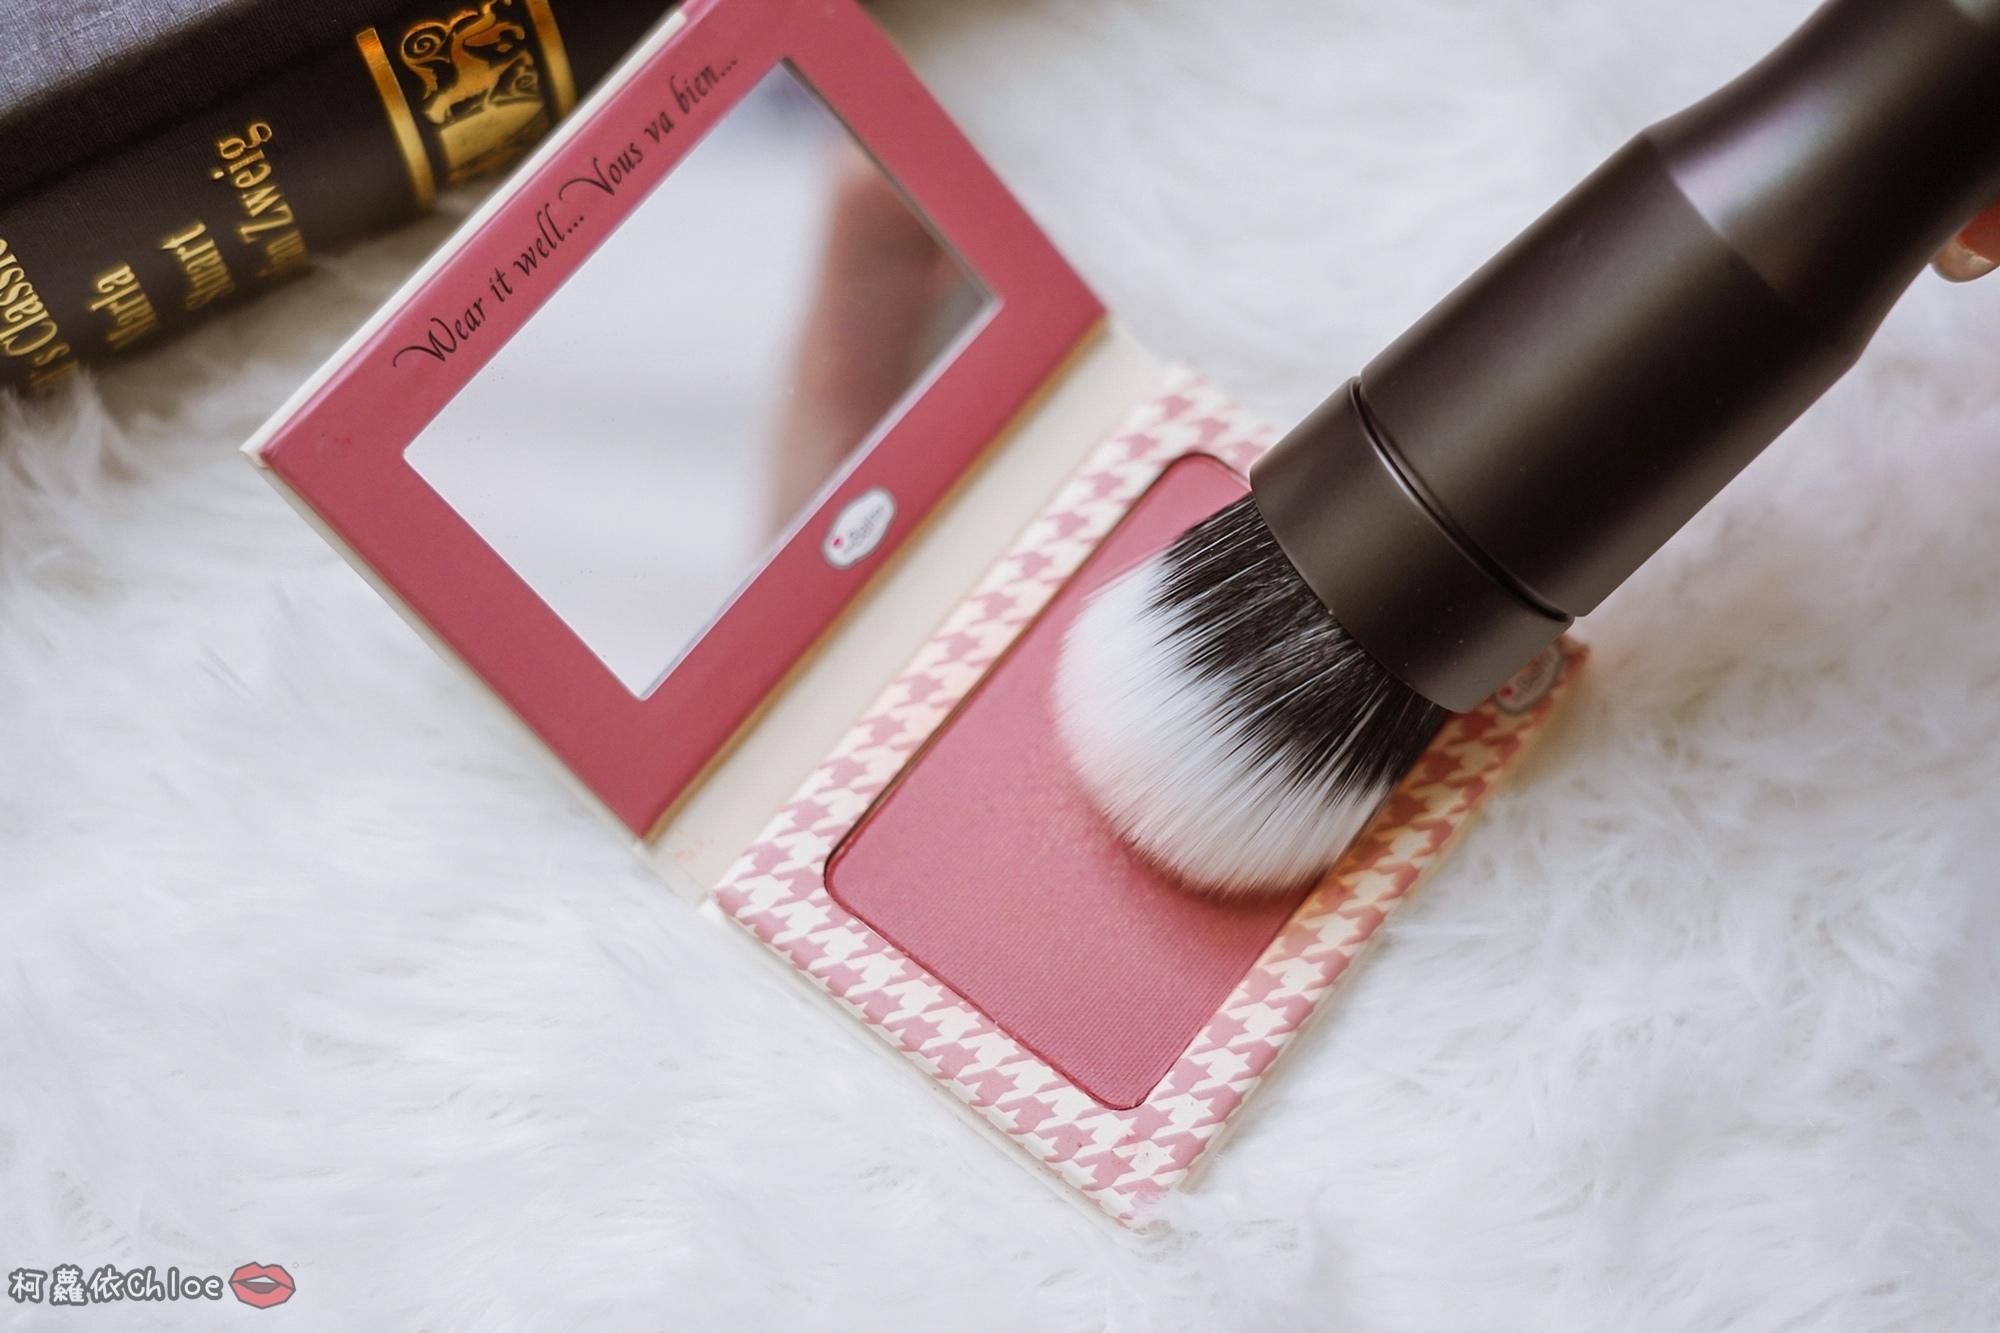 彩妝工具推薦 blendSMART電動化妝刷 達人套裝開箱 上妝輕柔更有效率25.jpg